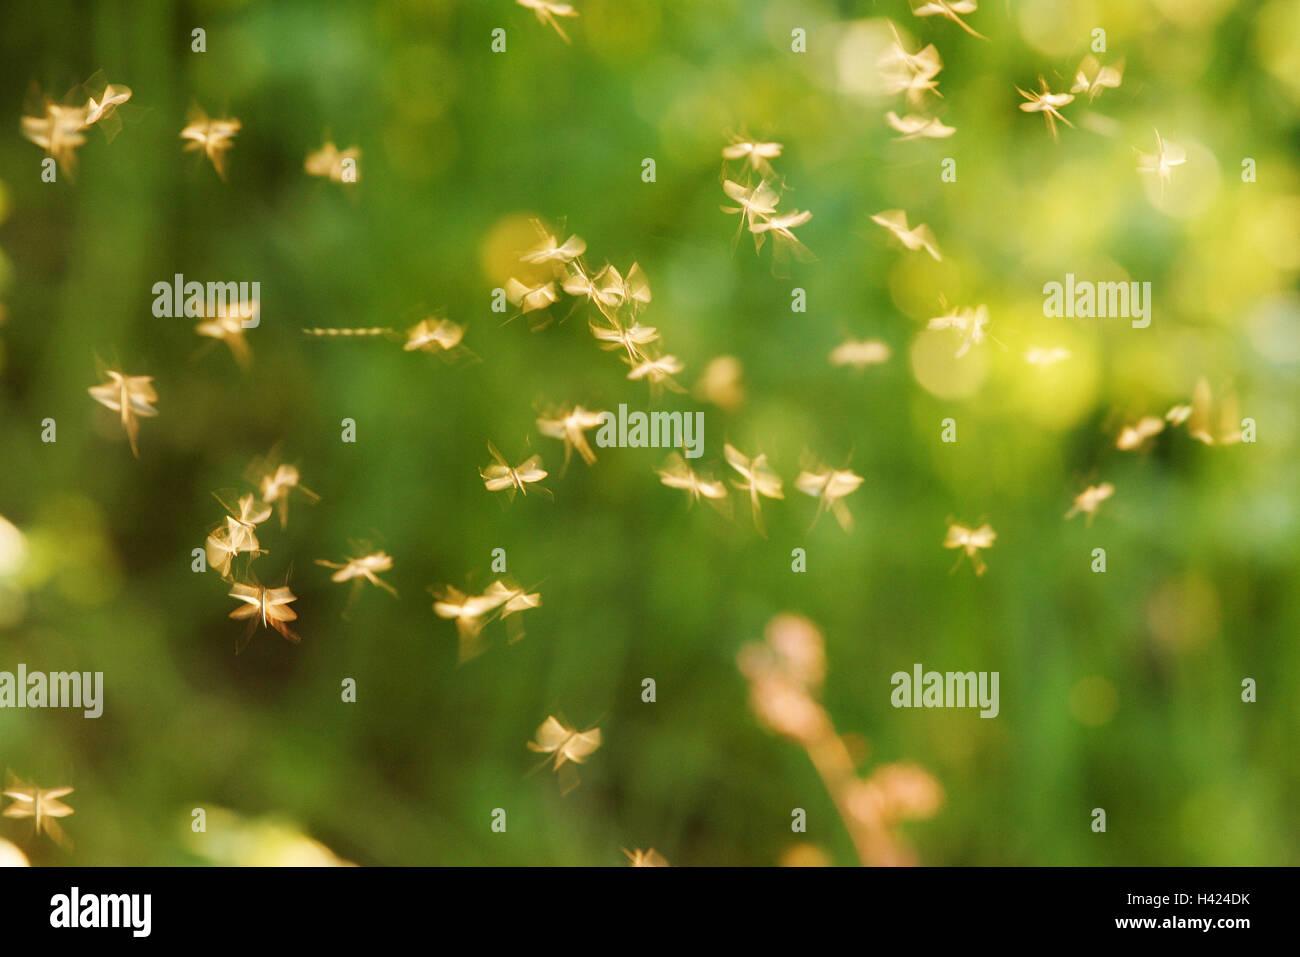 Sciame di zanzare, luce posteriore, insetti, Stechmücken, zanzare, zanzare, Gelsen, Culicidae, succhiasangue, Immagini Stock